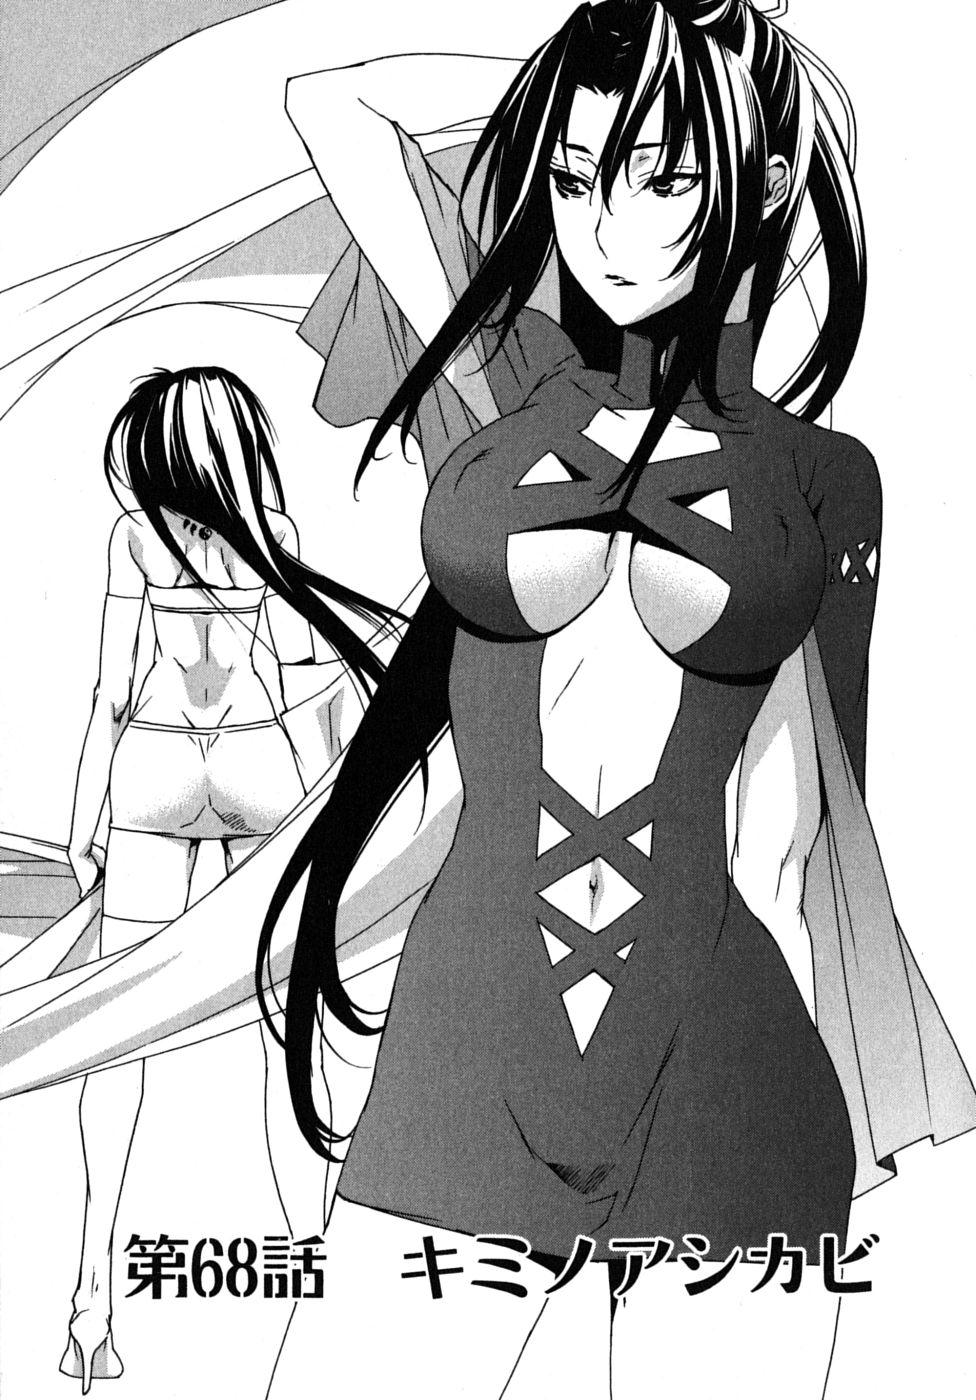 Sekirei manga chapter 068.jpg